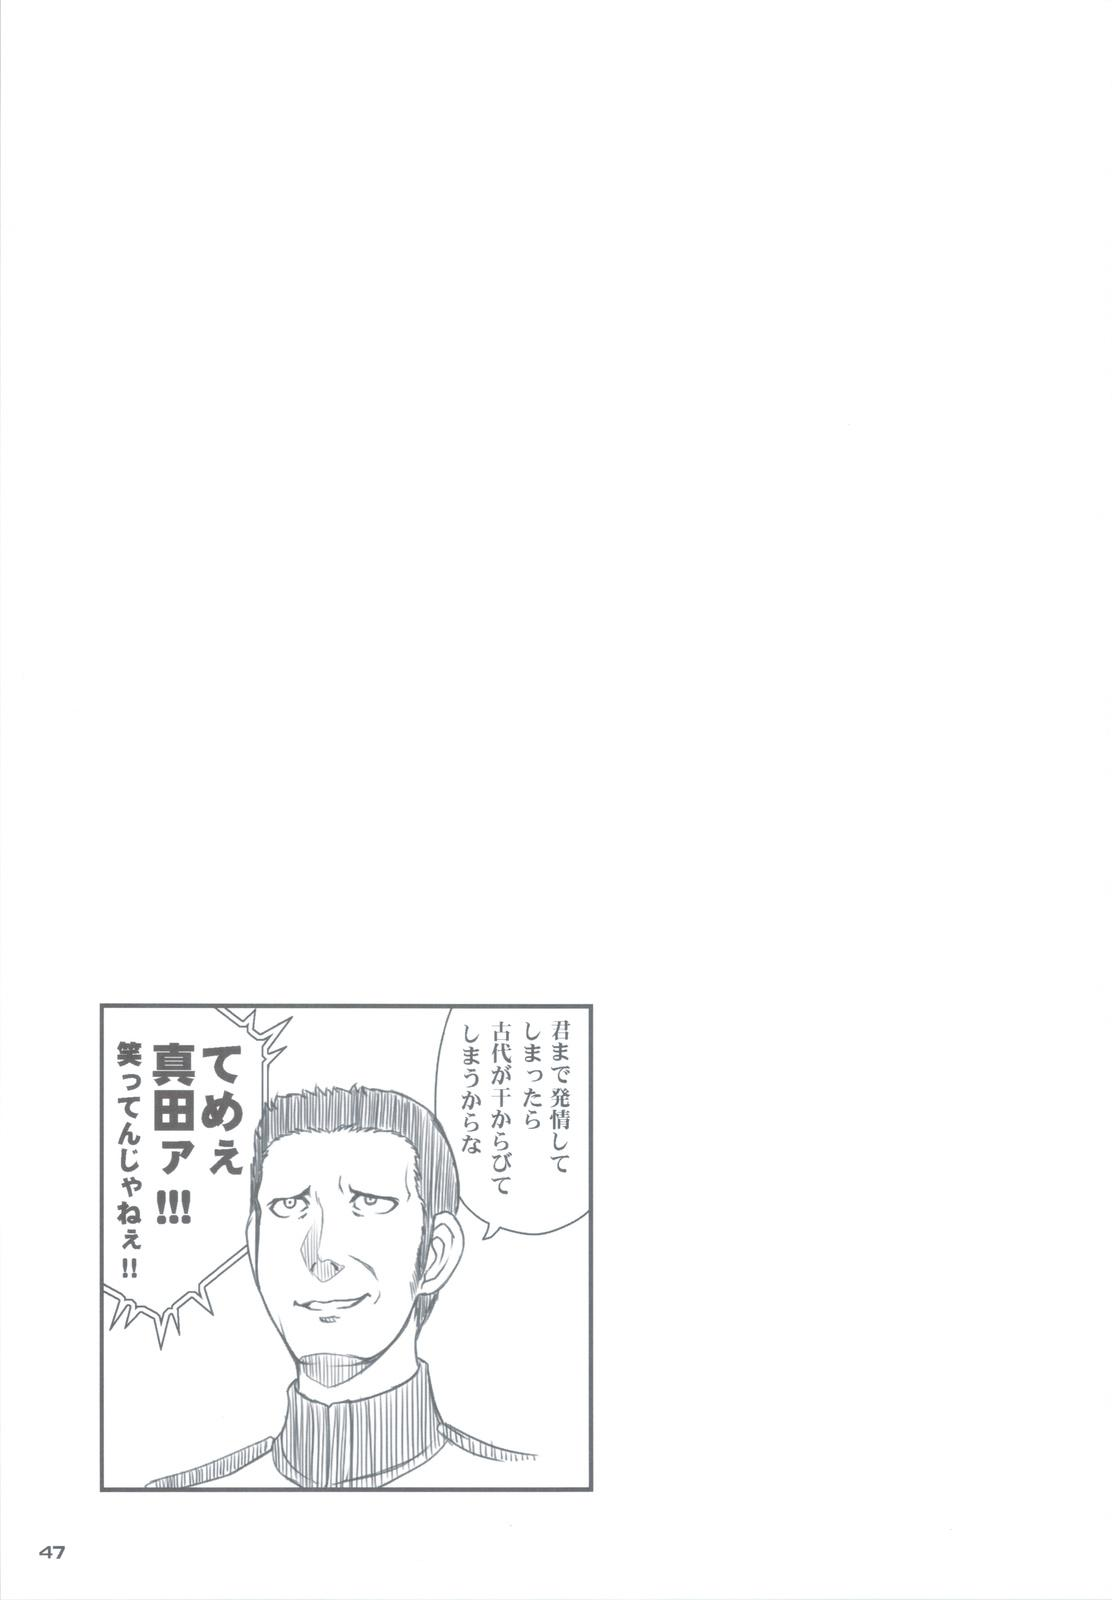 Kannaifuku ga Ki ni Natte Shikata ga Nai 2199 + Omake Bon 45